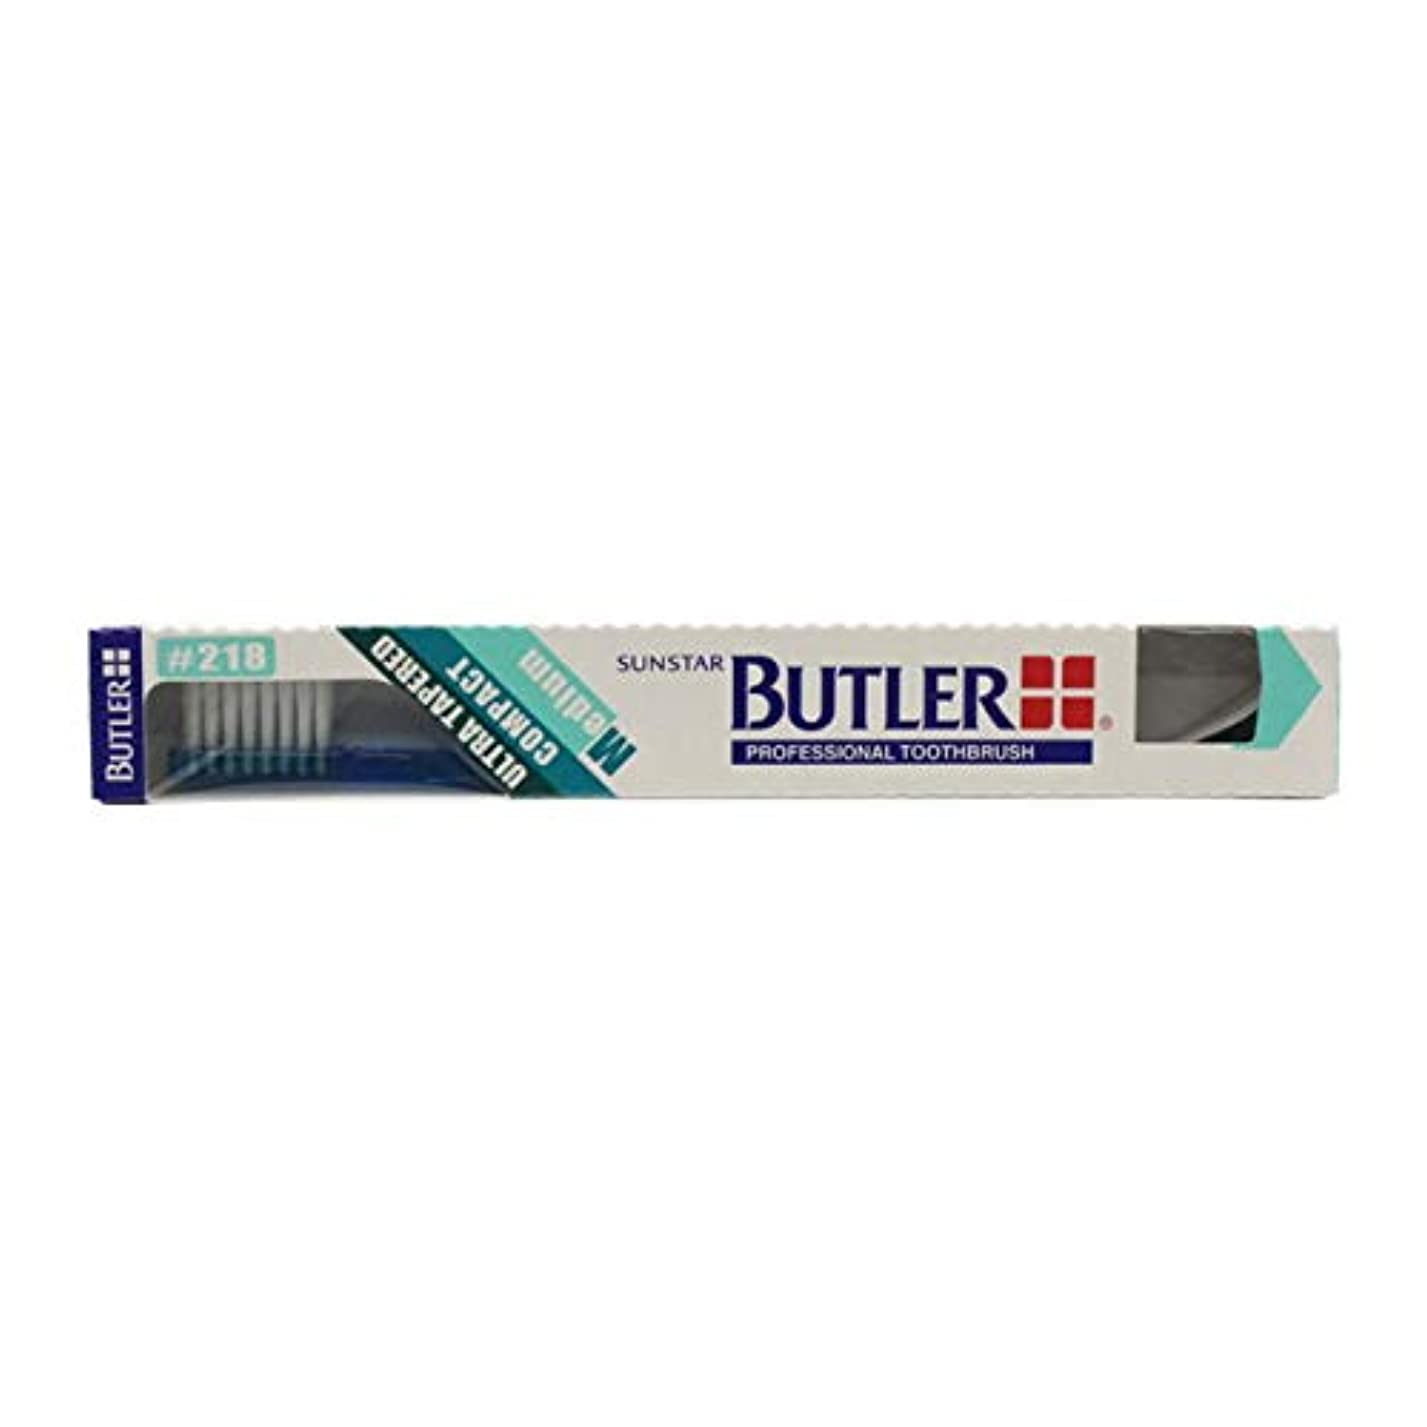 税金馬力それにもかかわらずサンスター バトラー 歯ブラシ #218 1本